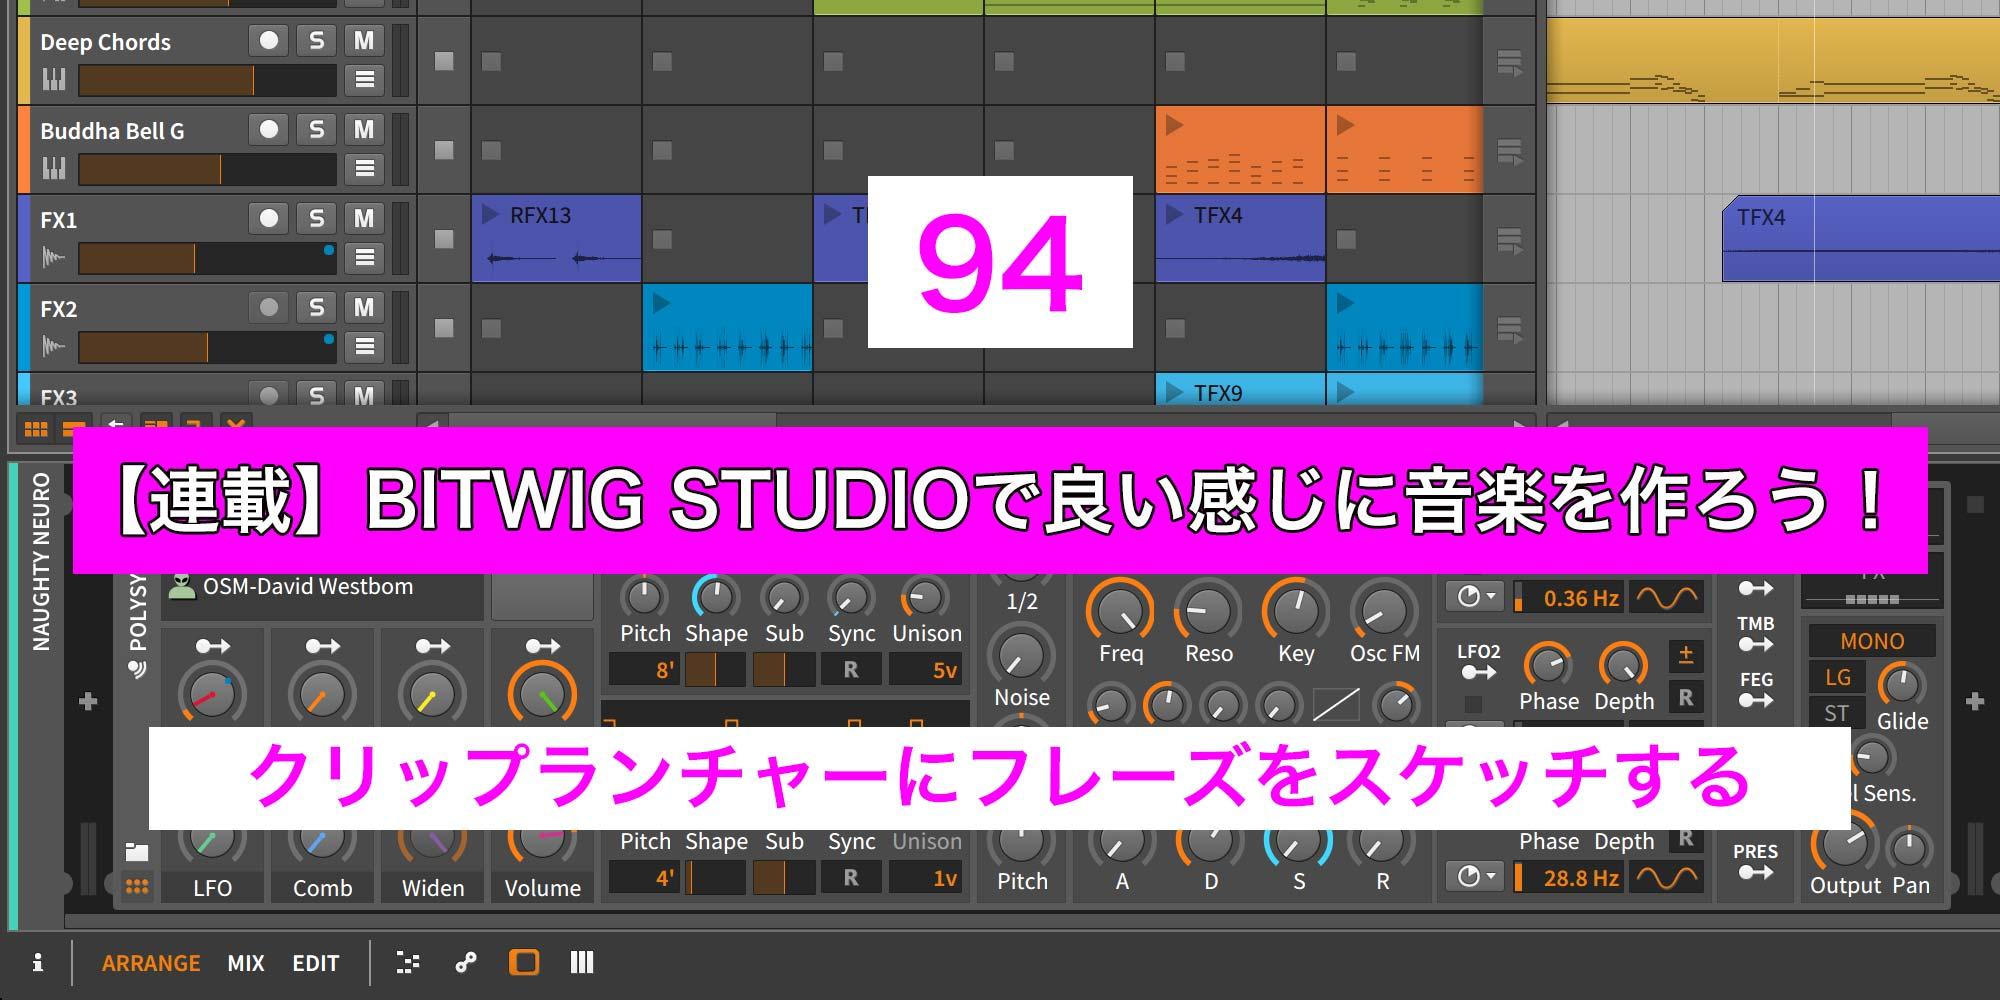 【連載】BITWIG STUDIOで良い感じに音楽を作ろう!【94】